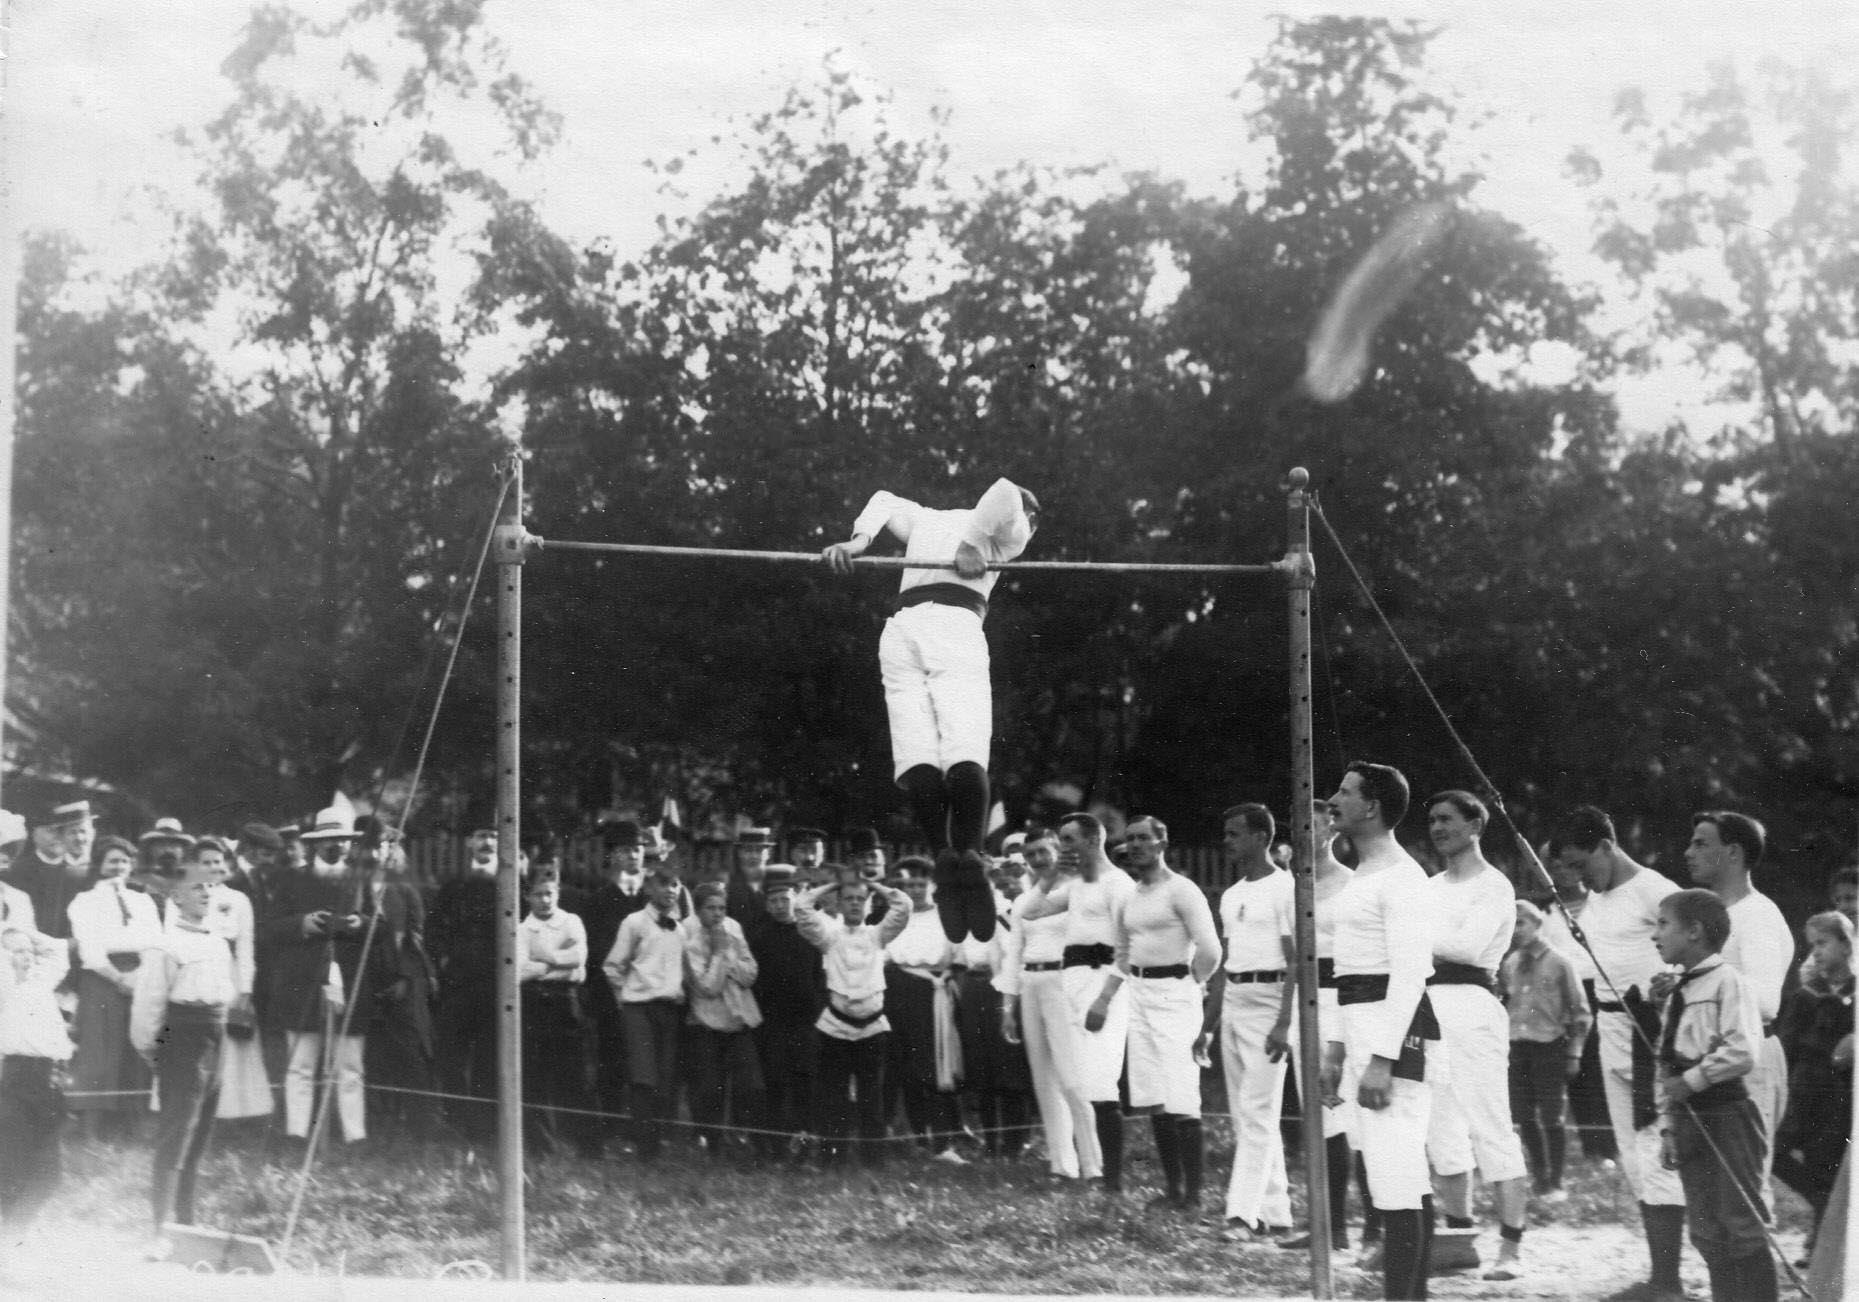 Член Гимнастического общества «Пальма» выполняет упражнения на турнике